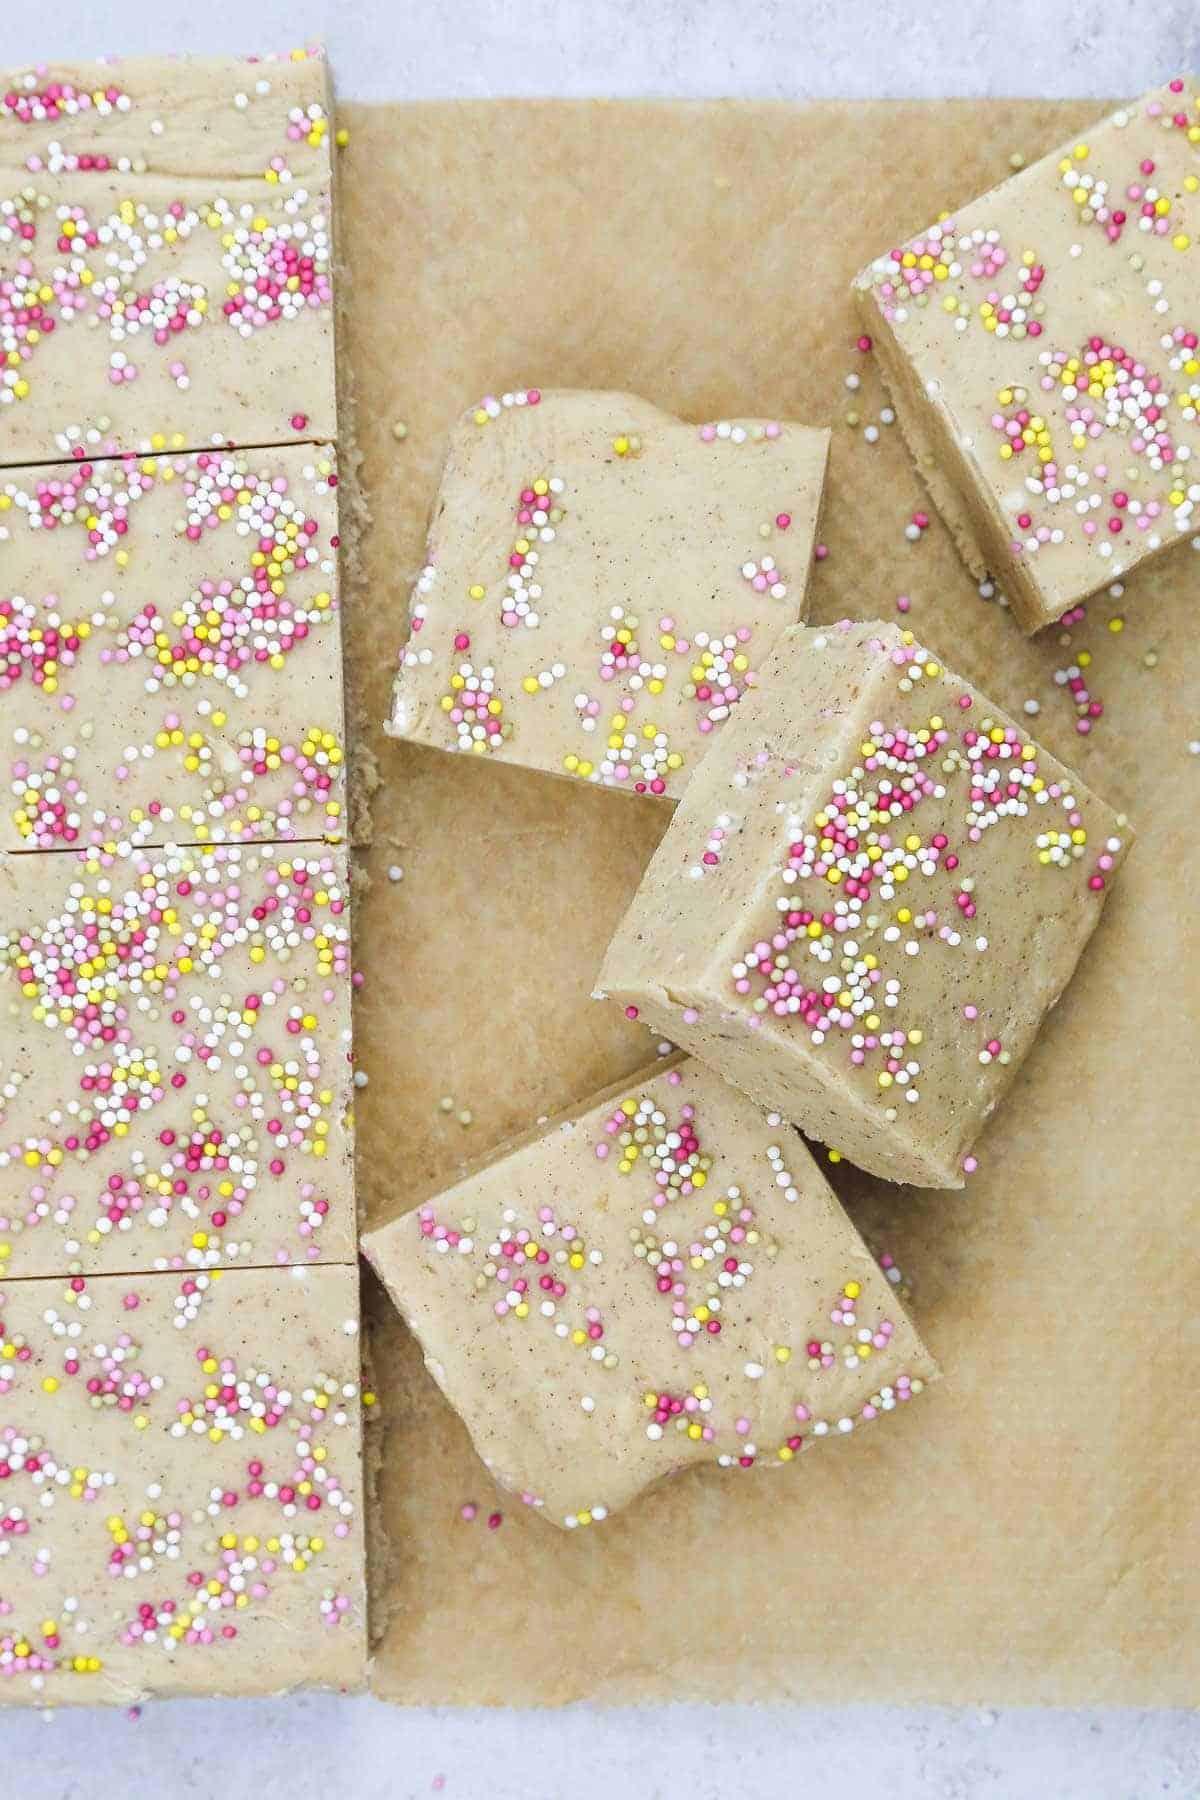 Condensed milk fudge cut into squares